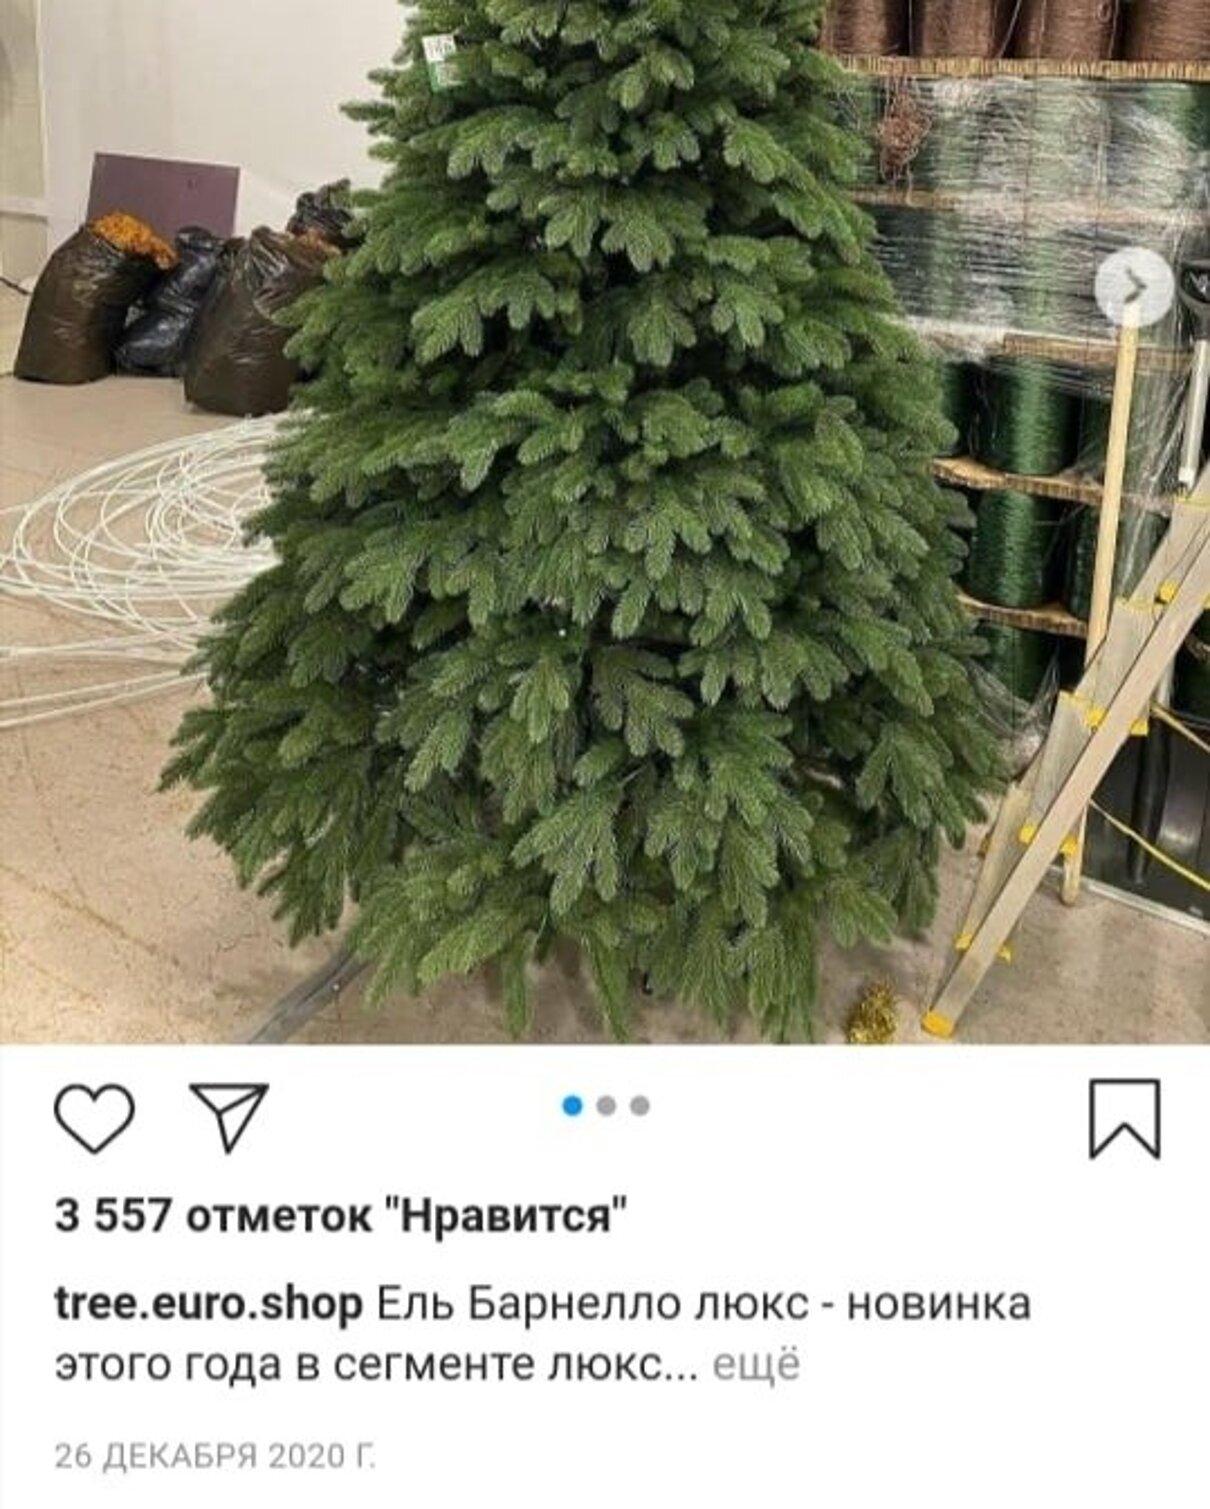 Жалоба-отзыв: www.ёлочки.shop - Мошенники продающие якобы ели.  Фото №3